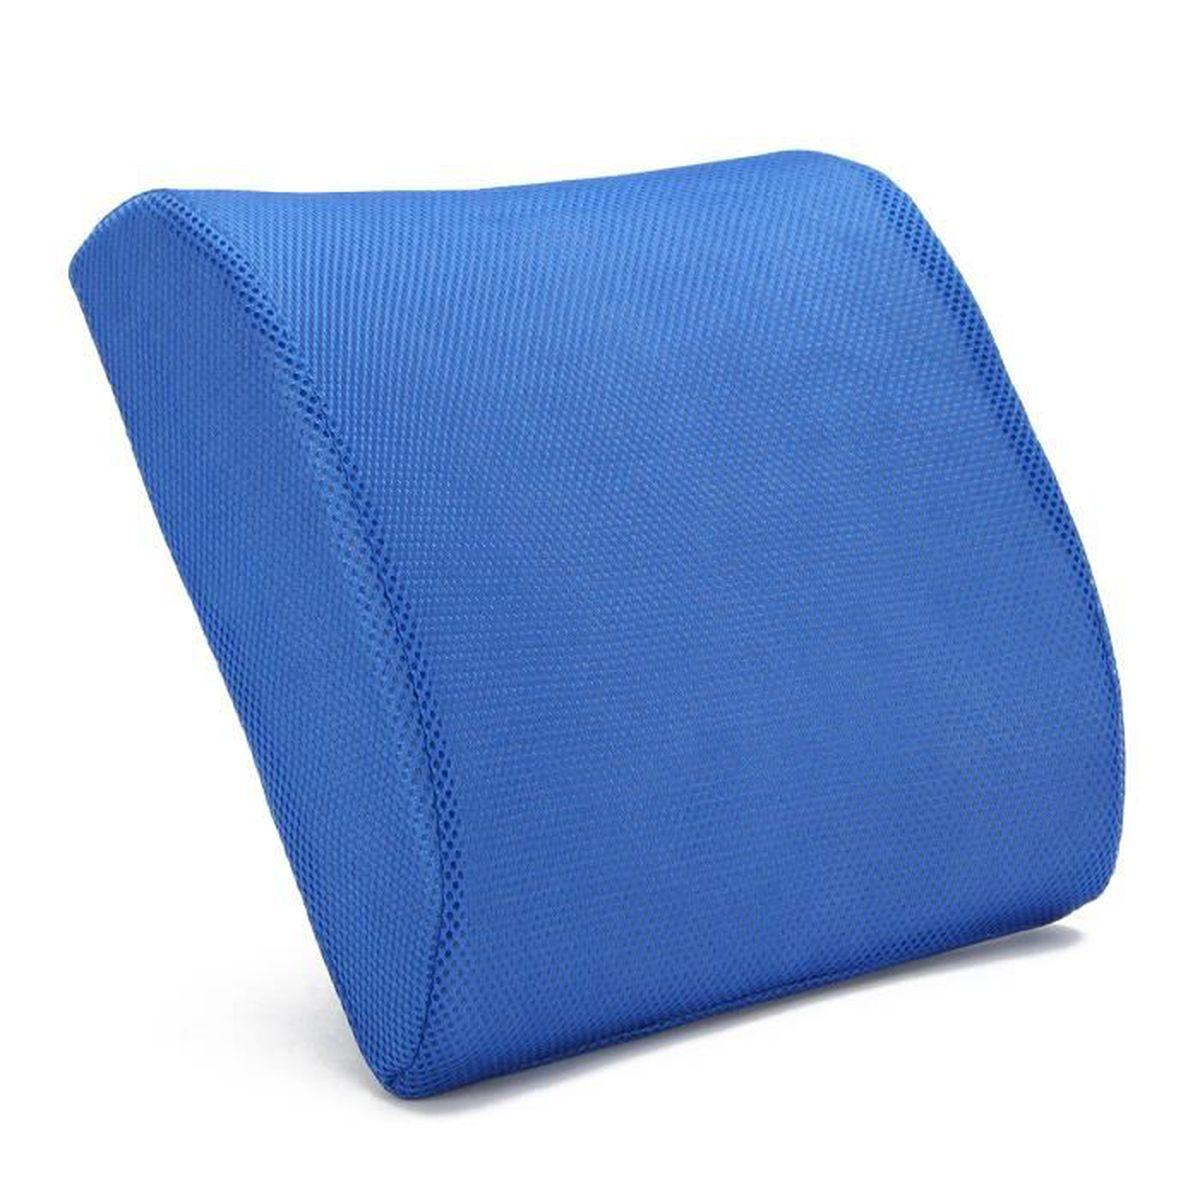 Chaise Bureau Maison Voiture Auto Sige Bleu COUSSIN